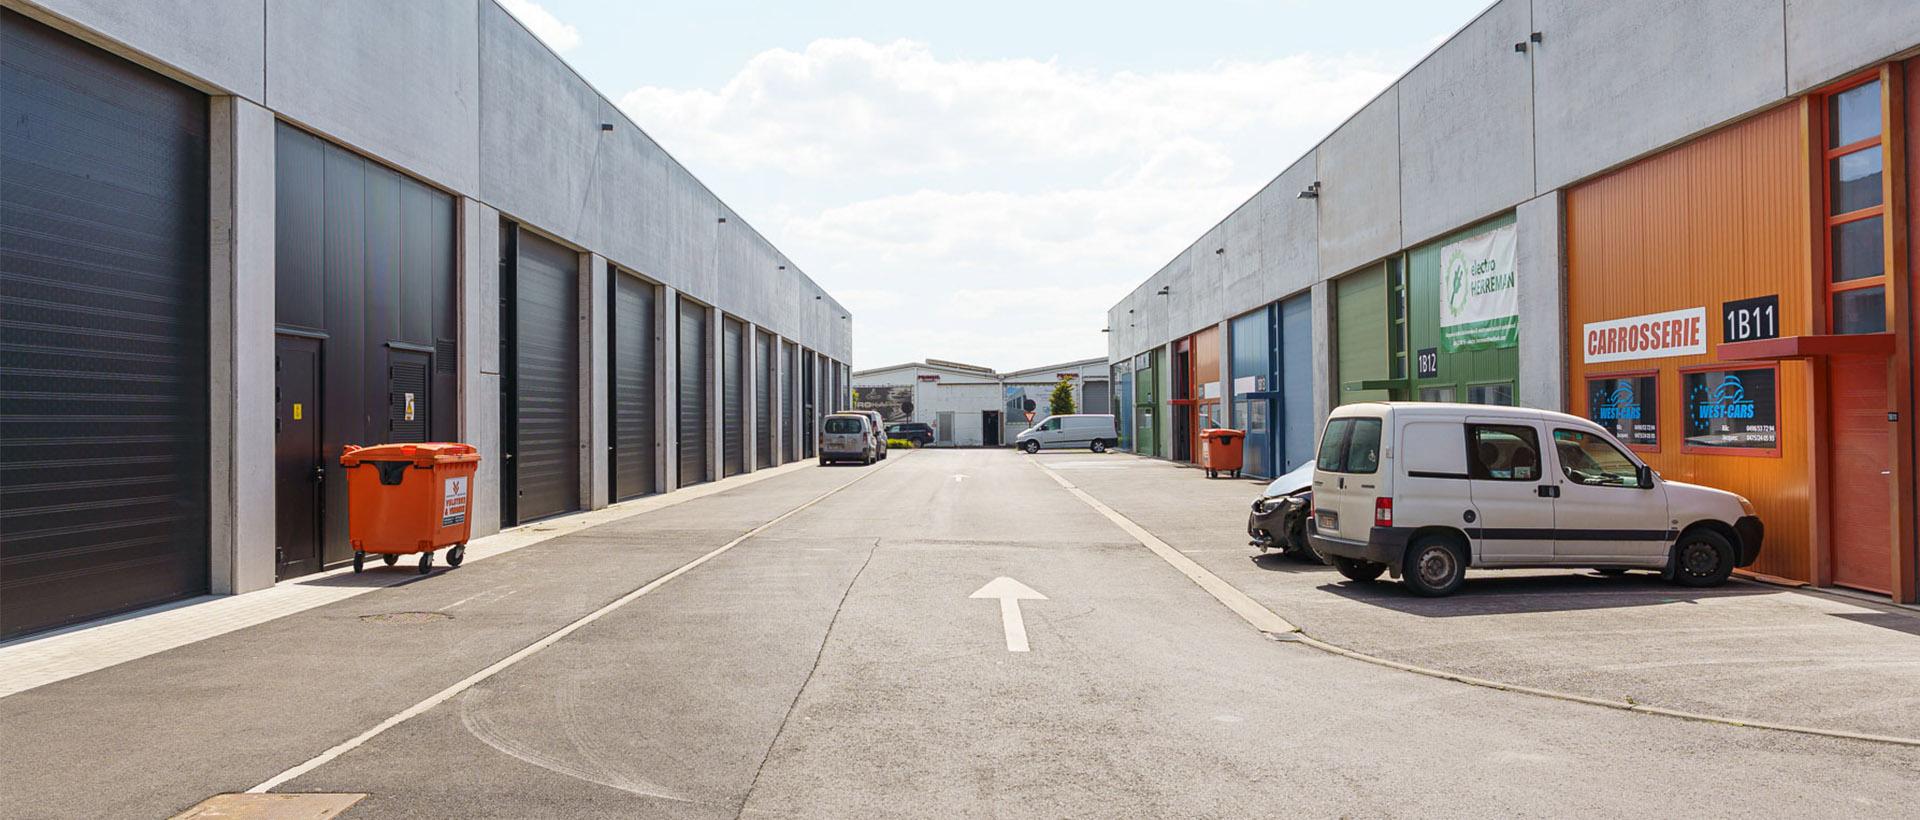 verschillende kmo ondernemingen in Poperinge